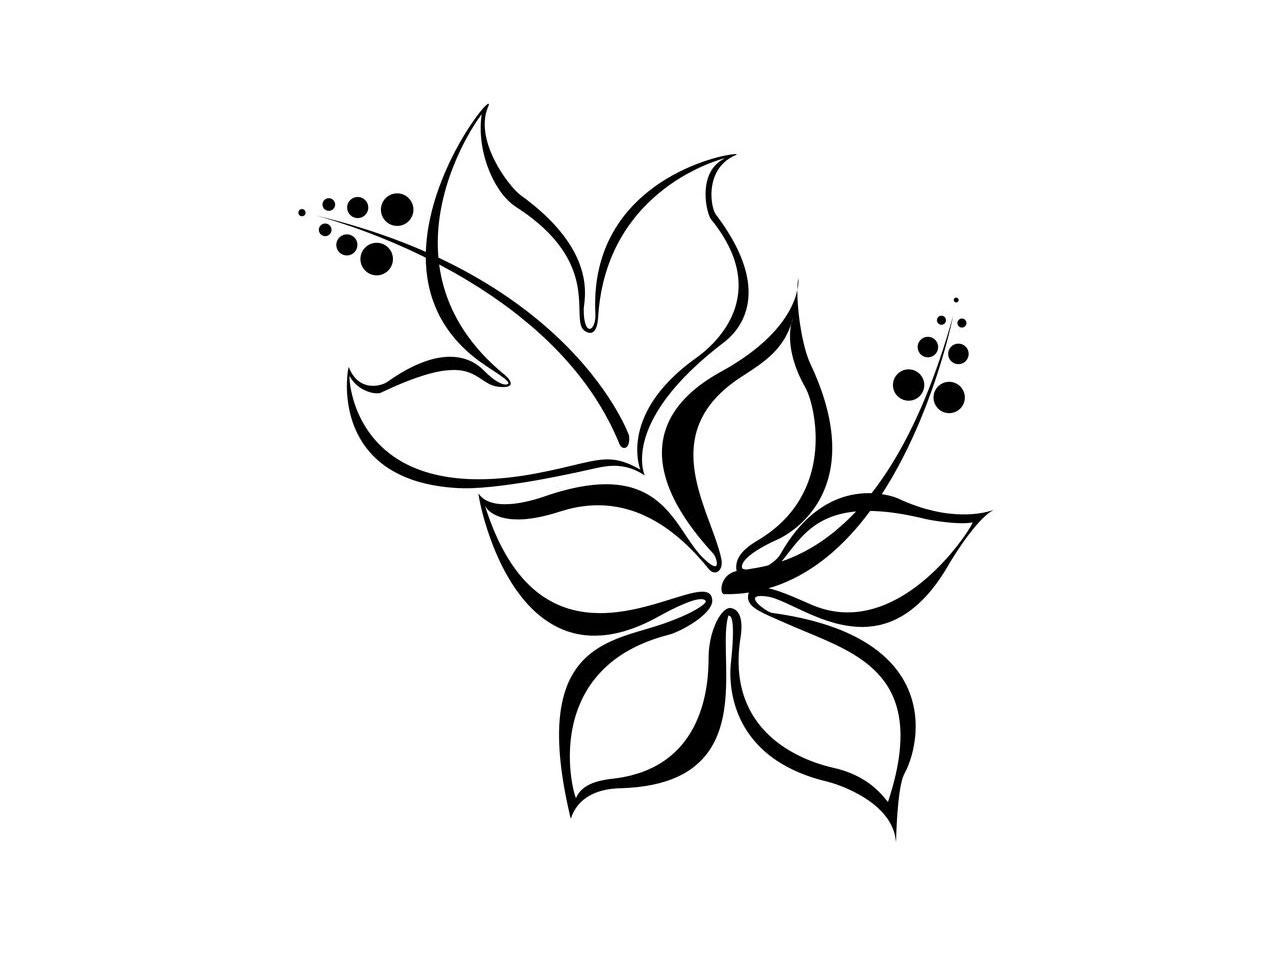 Roses And Butterflies Drawings Simple Rose Drawings In